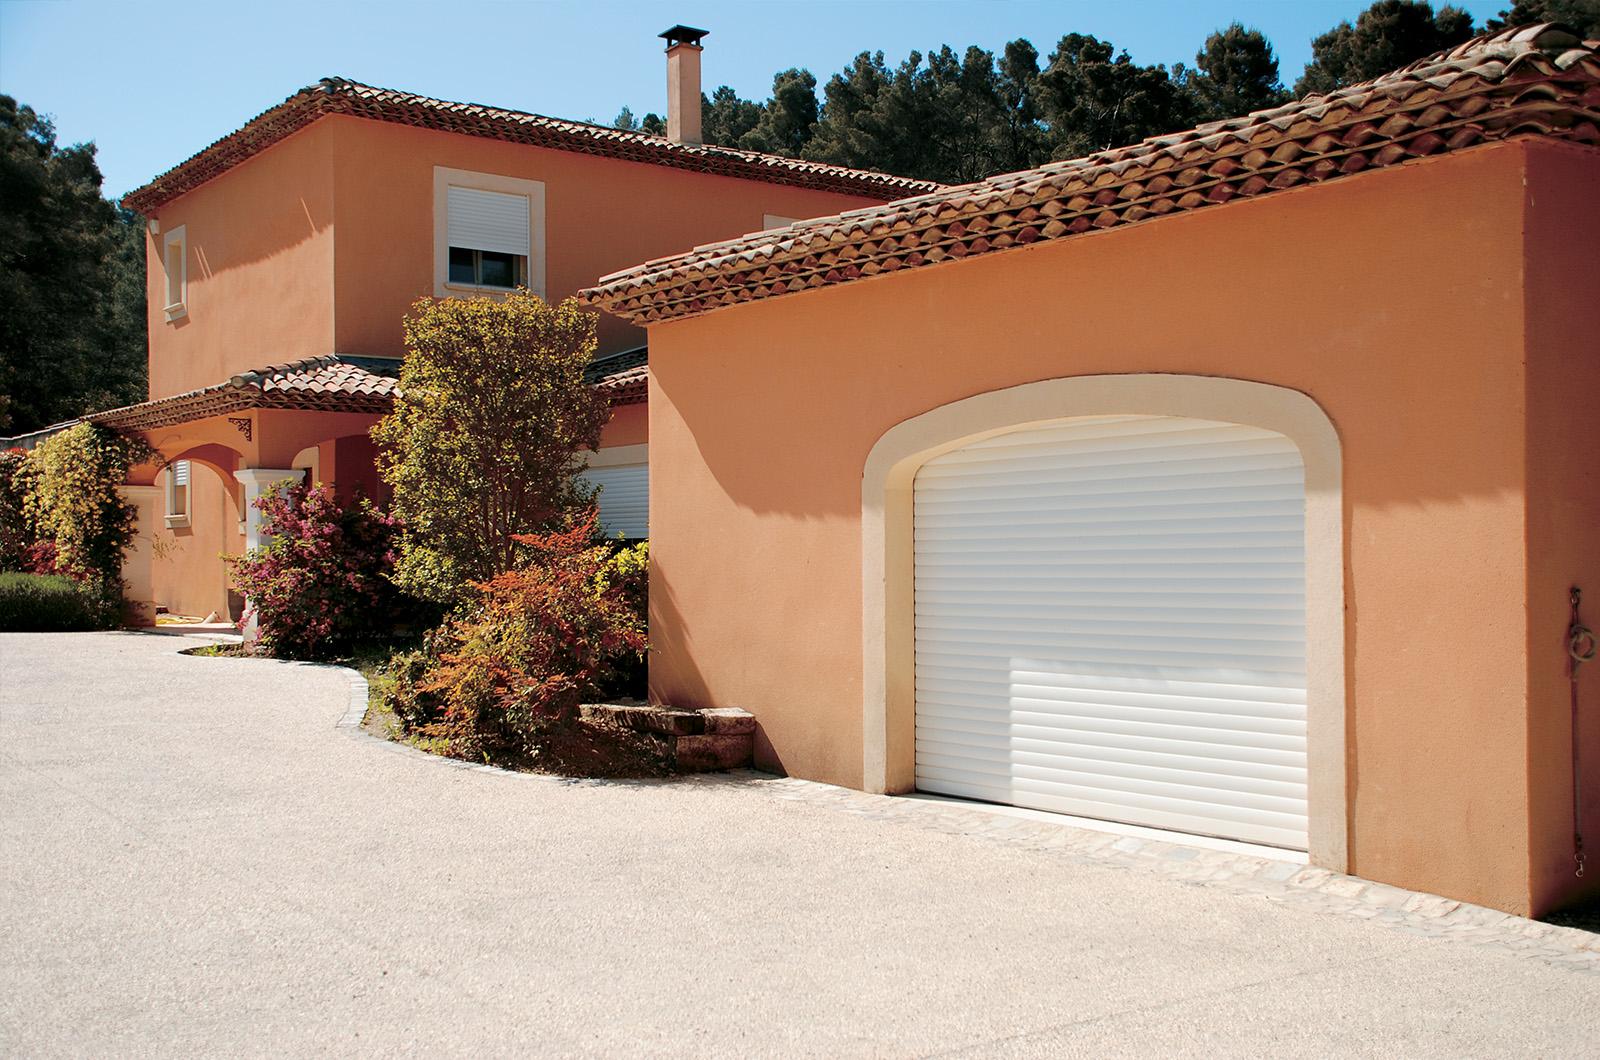 porte de garage enroulable blanche st r my de provence arc en ciel menuiserie aluminium pvc. Black Bedroom Furniture Sets. Home Design Ideas